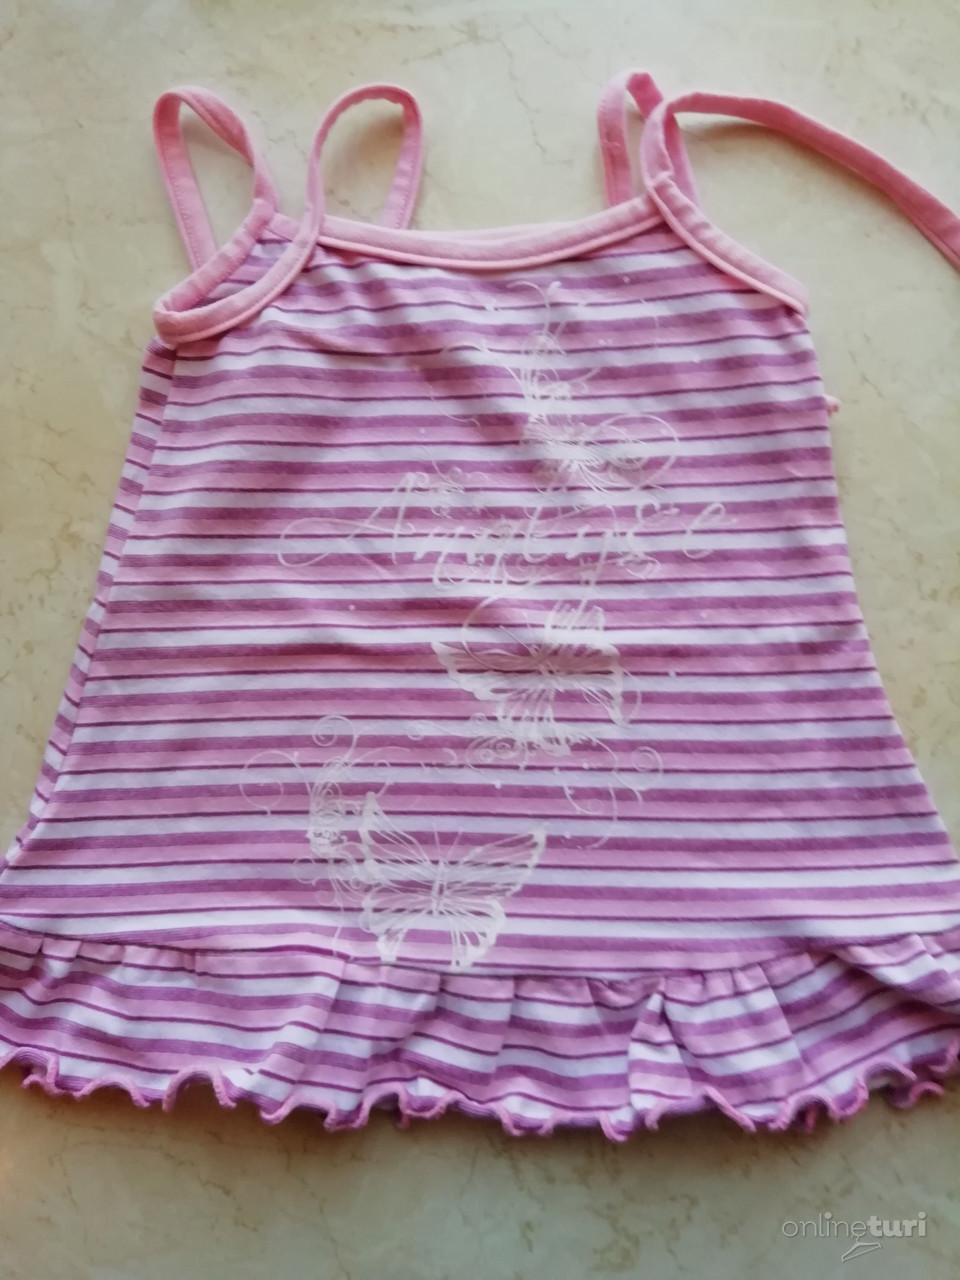 6bf2957a79 Kislány ruha 74-es, Nyíregyháza - OnlineTuri